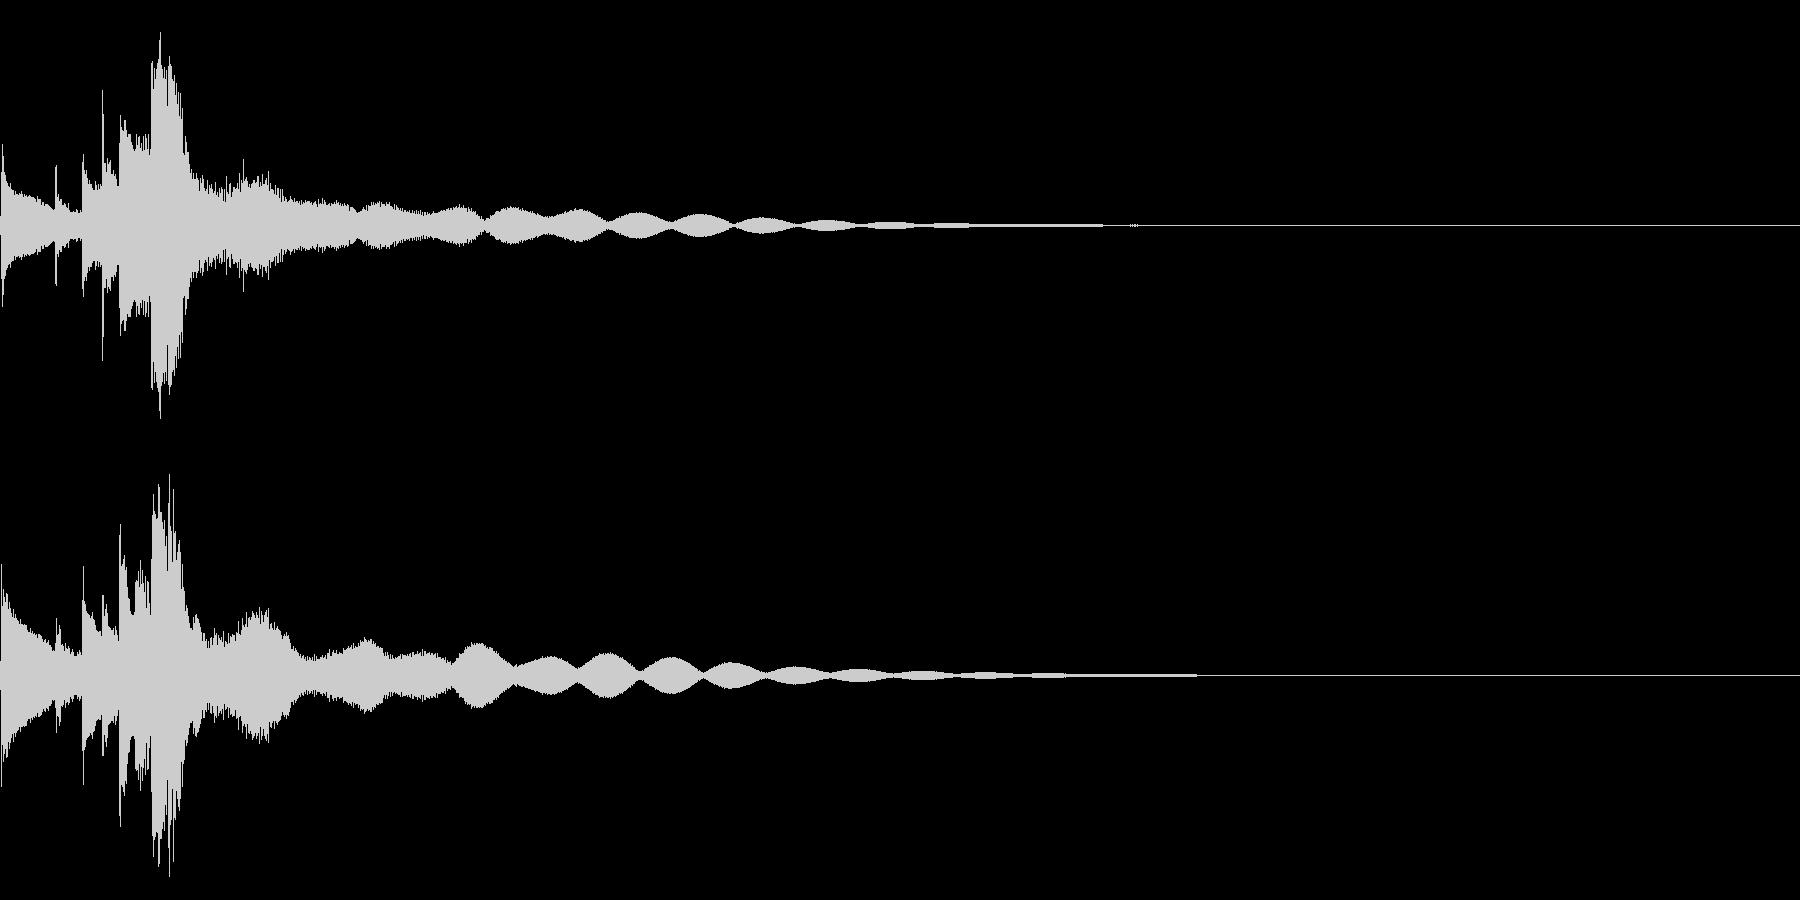 キラーンときれいな効果音の未再生の波形